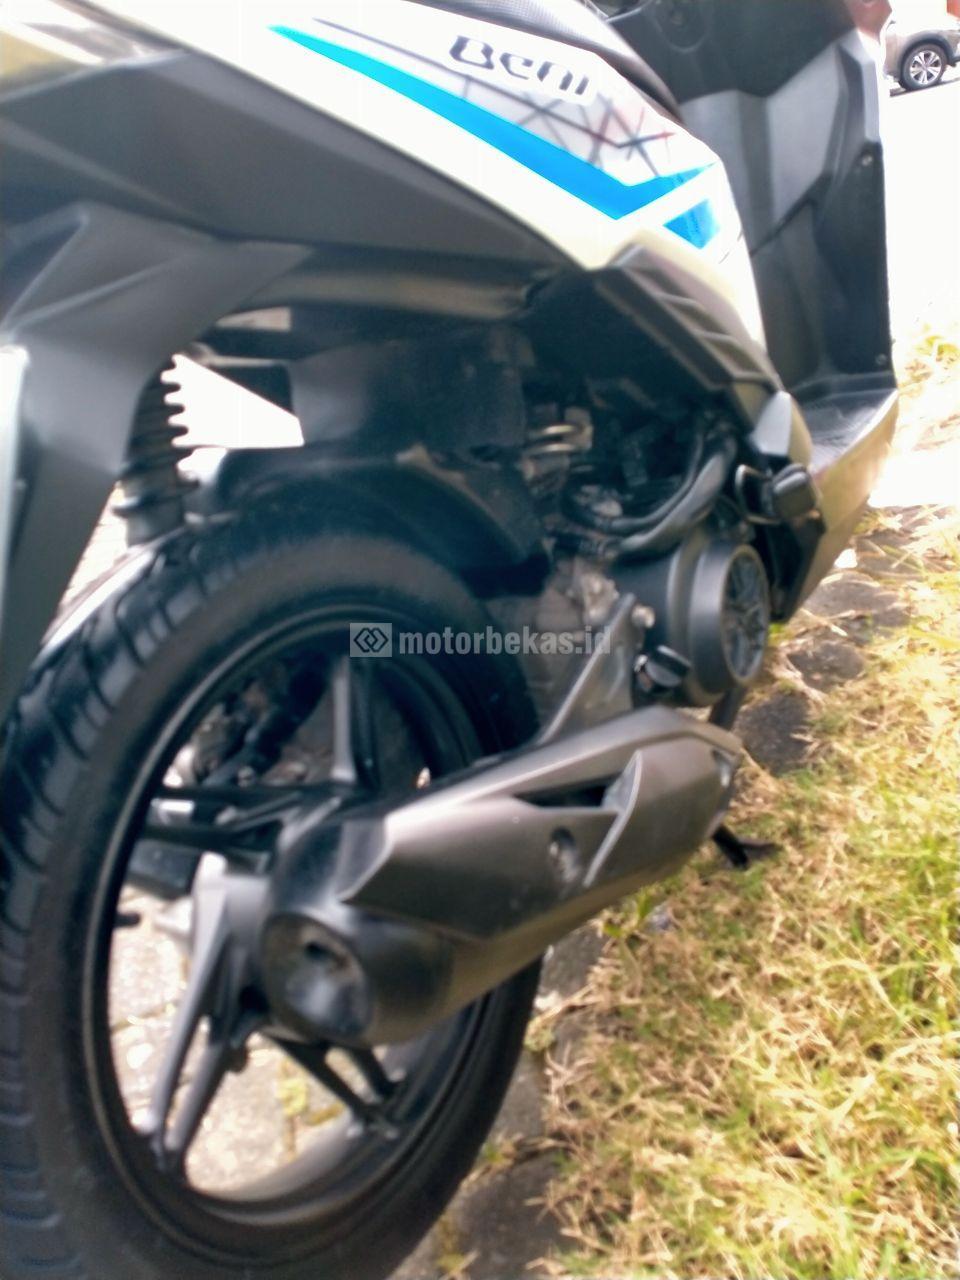 HONDA BEAT  1432 motorbekas.id